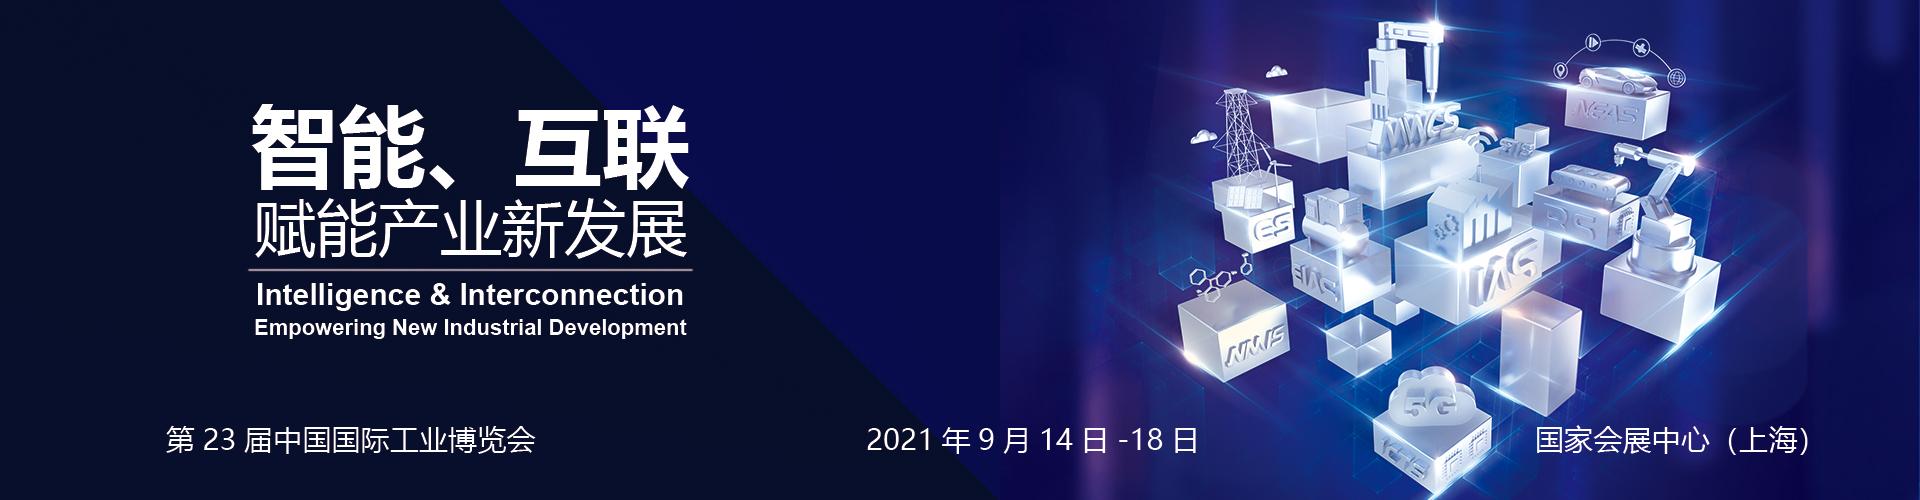 2021年第23屆中國國際工業博覽會